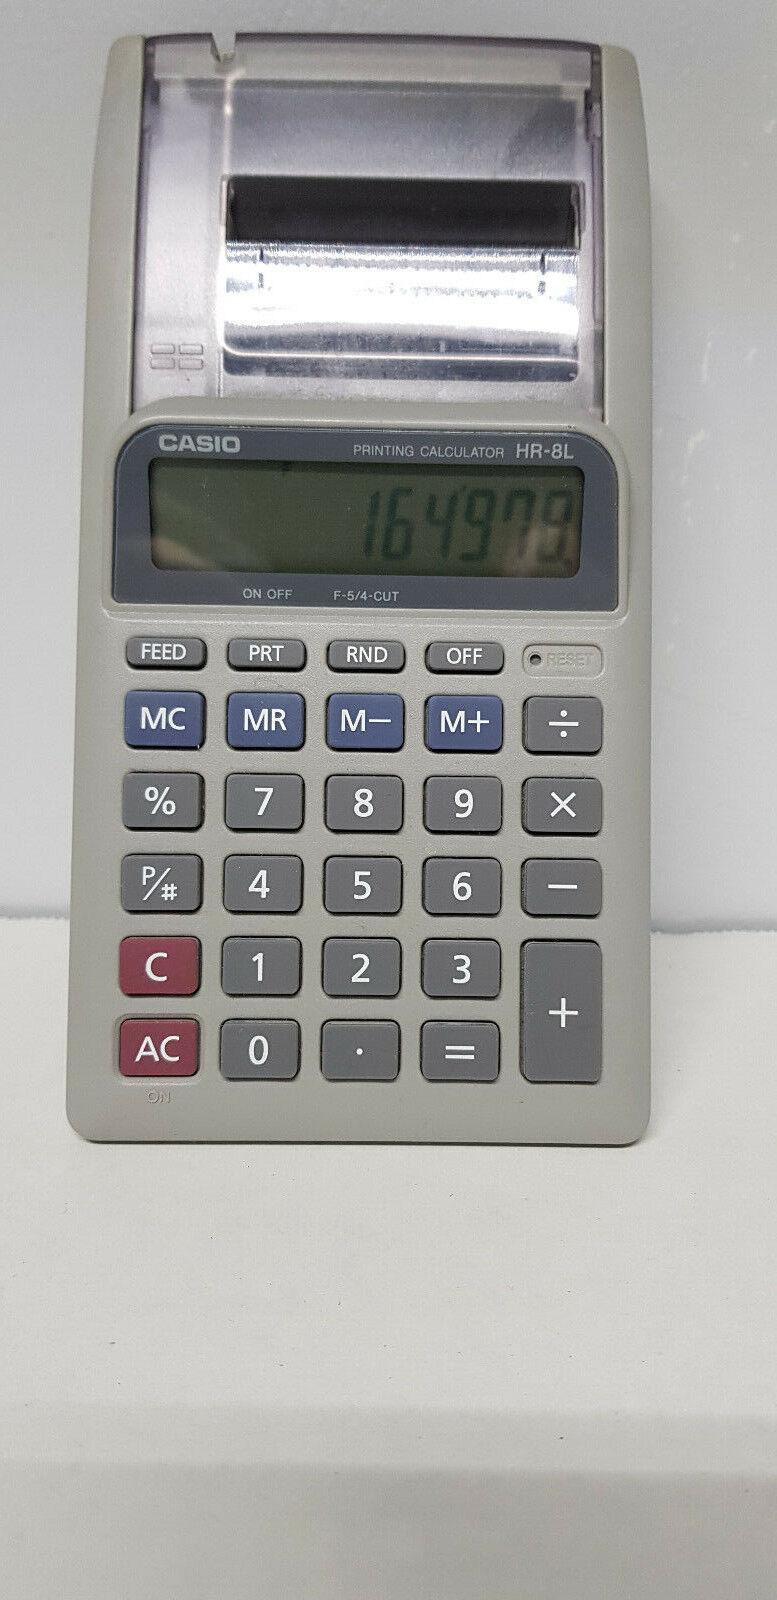 CASIO HR-8L Printing Calculator Desk Top Model